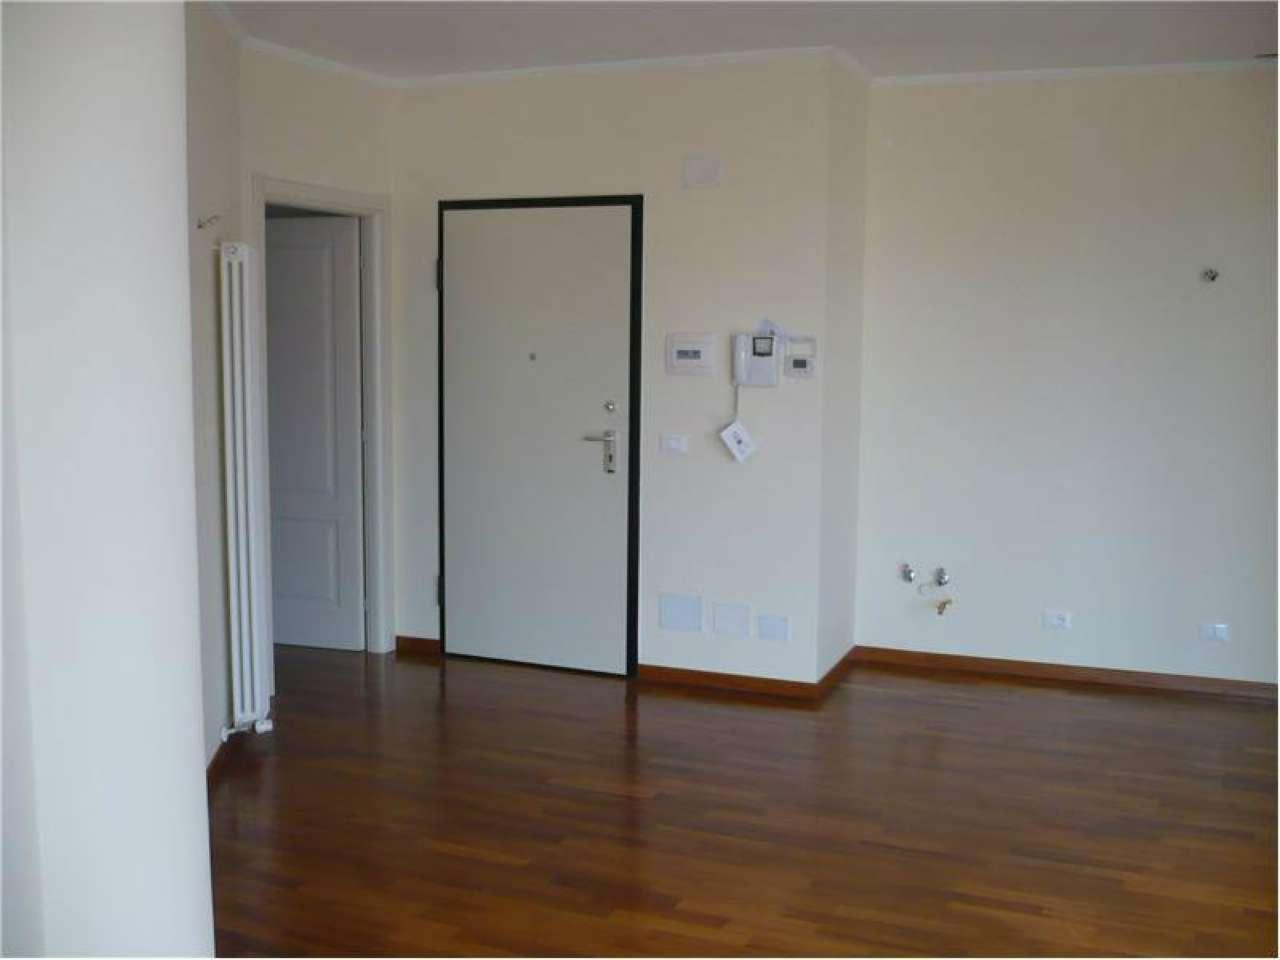 Appartamento in vendita a Lavagna, 2 locali, Trattative riservate | CambioCasa.it